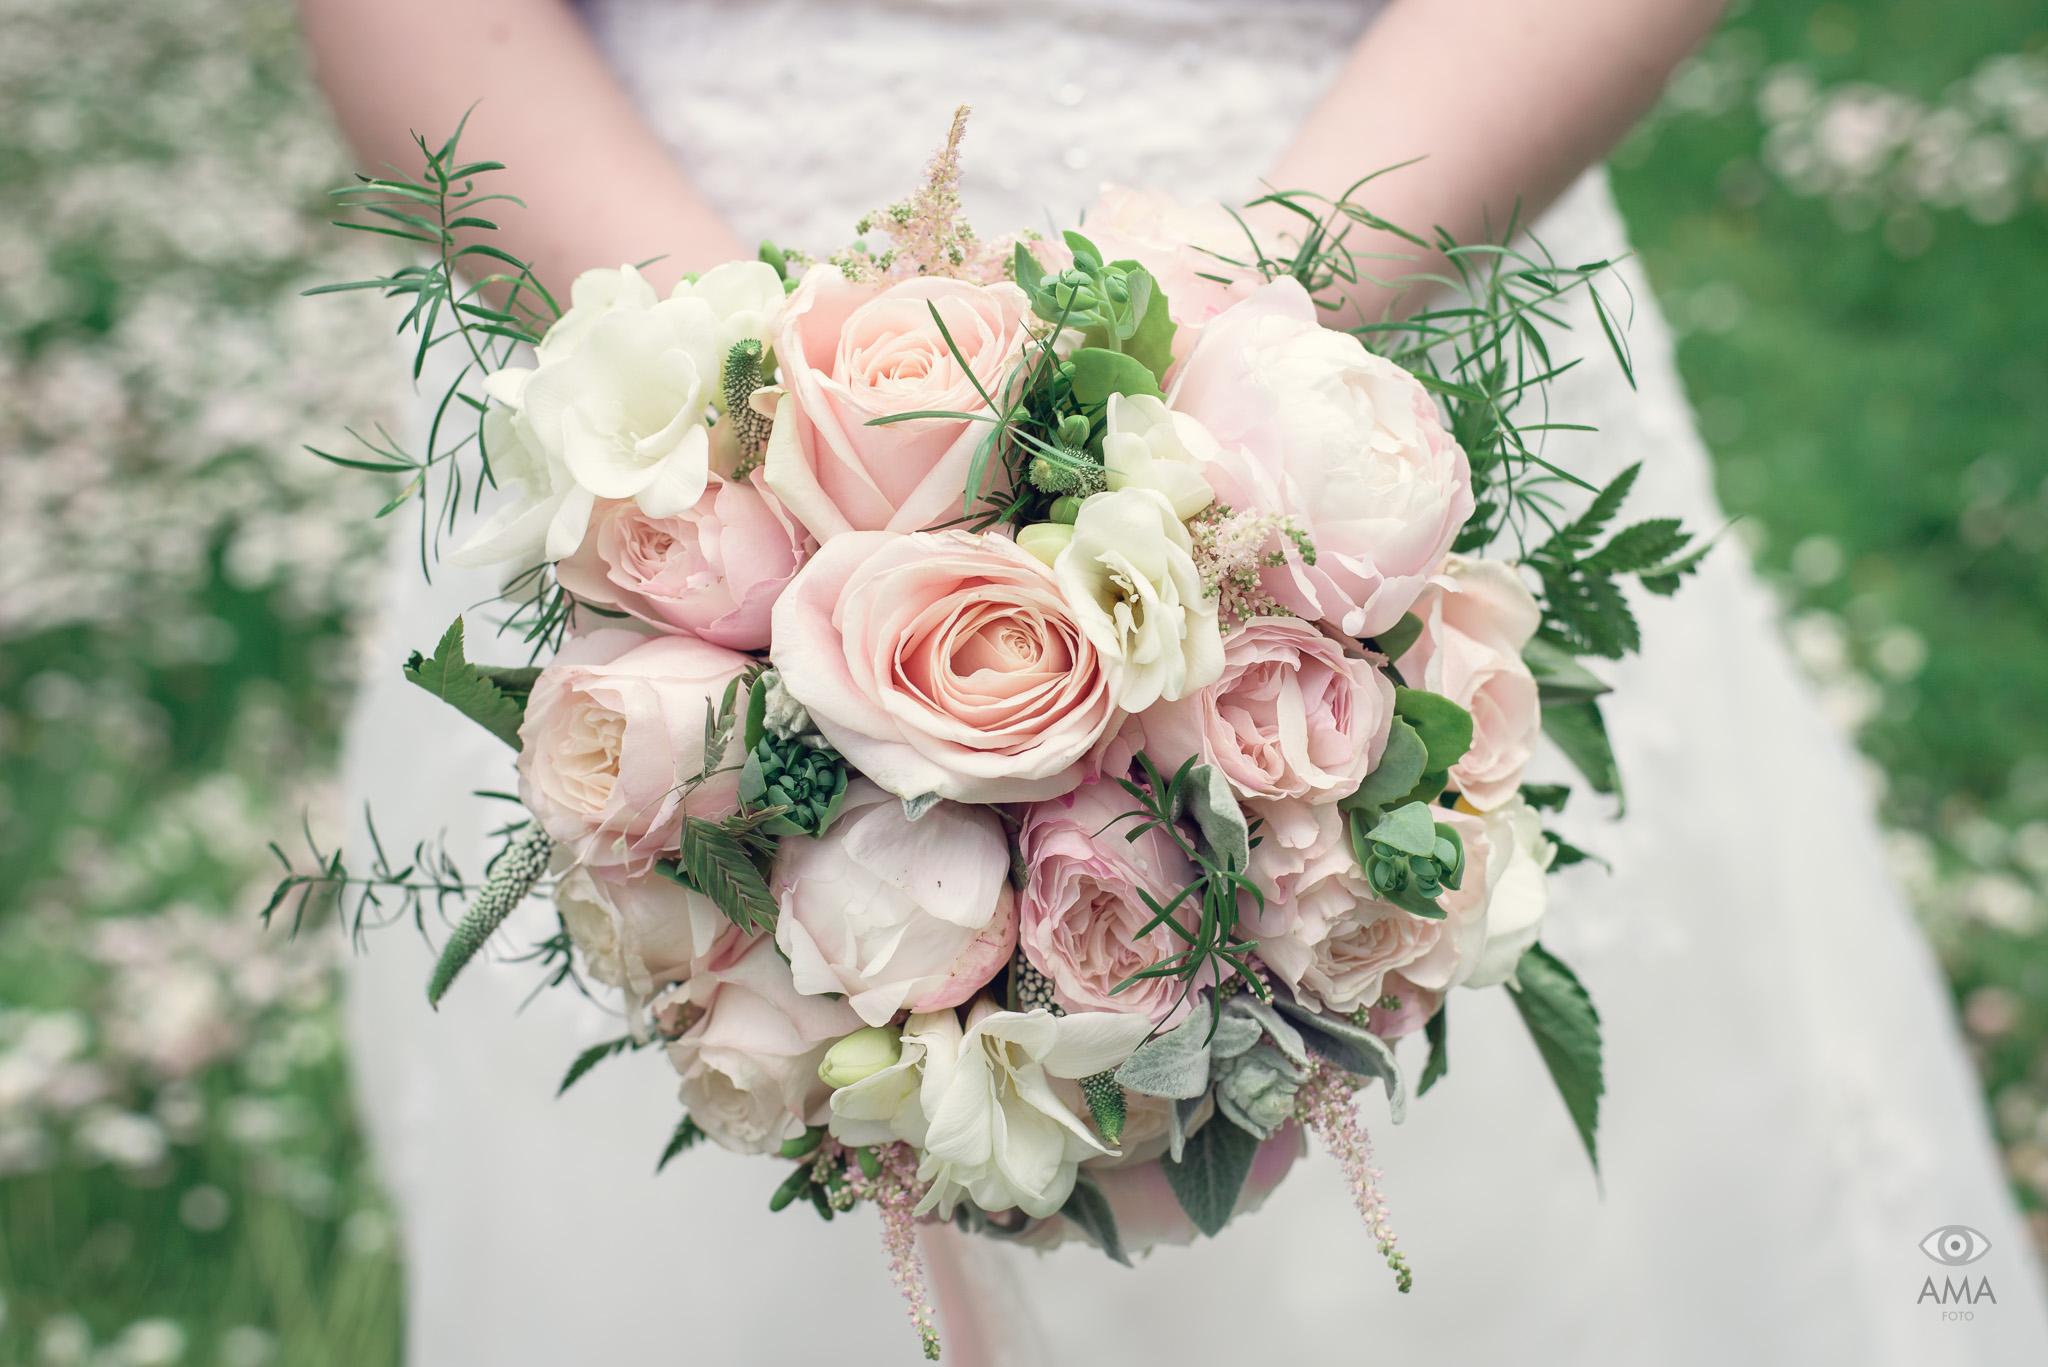 Rosa bröllopsbukett | bröllopsfotograf Uppsala